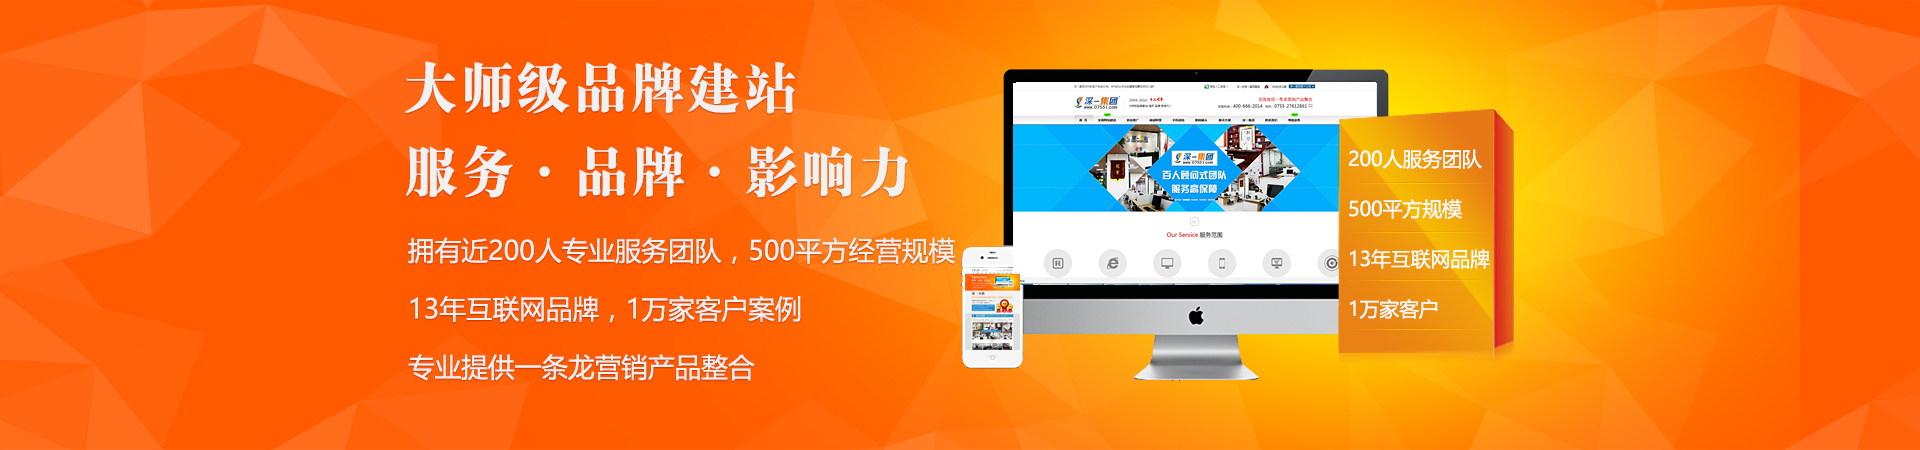 潮州网站建设